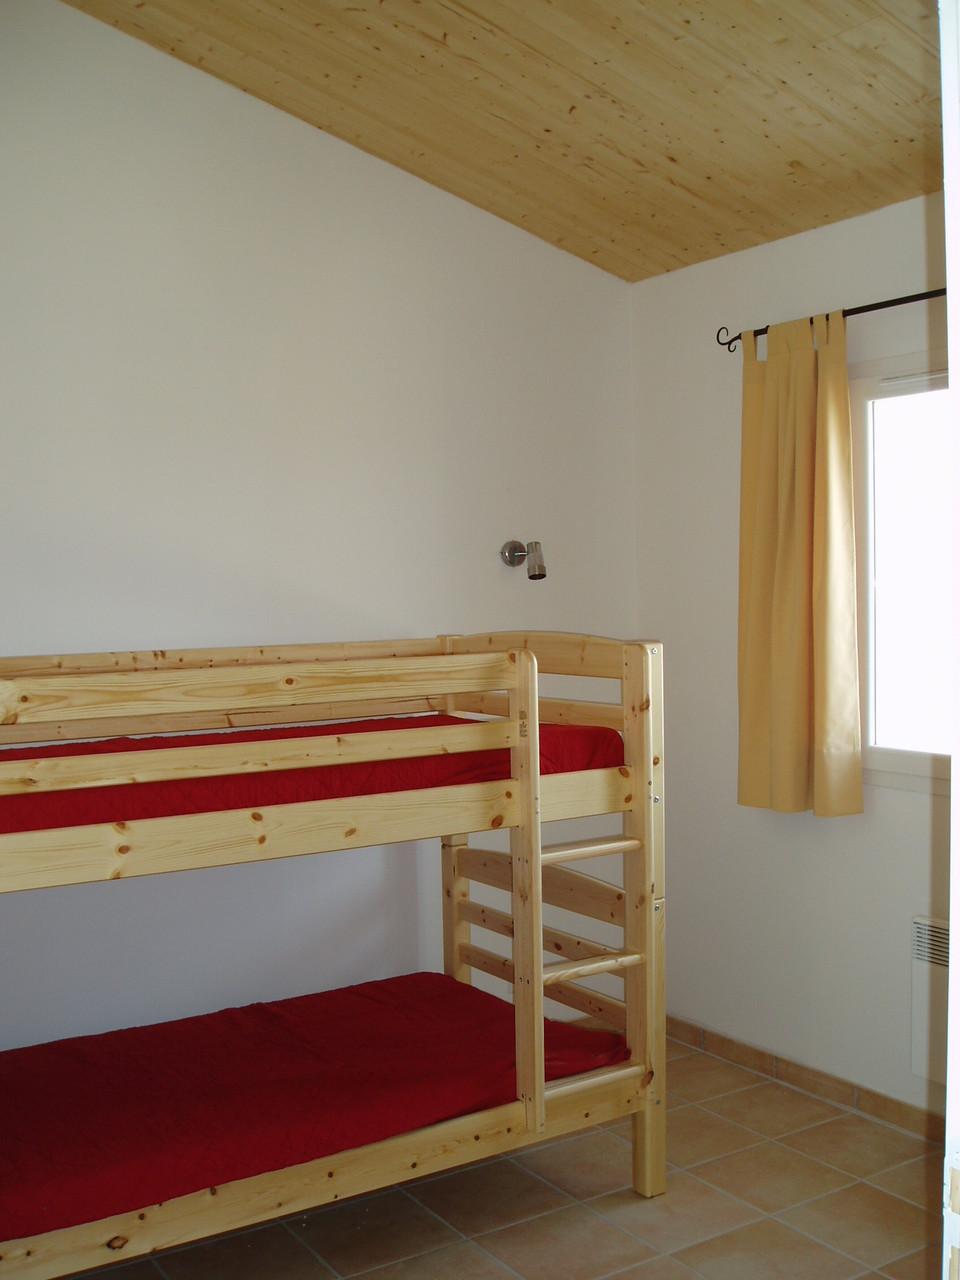 Chambre lits superposés, armoire (12 m2)